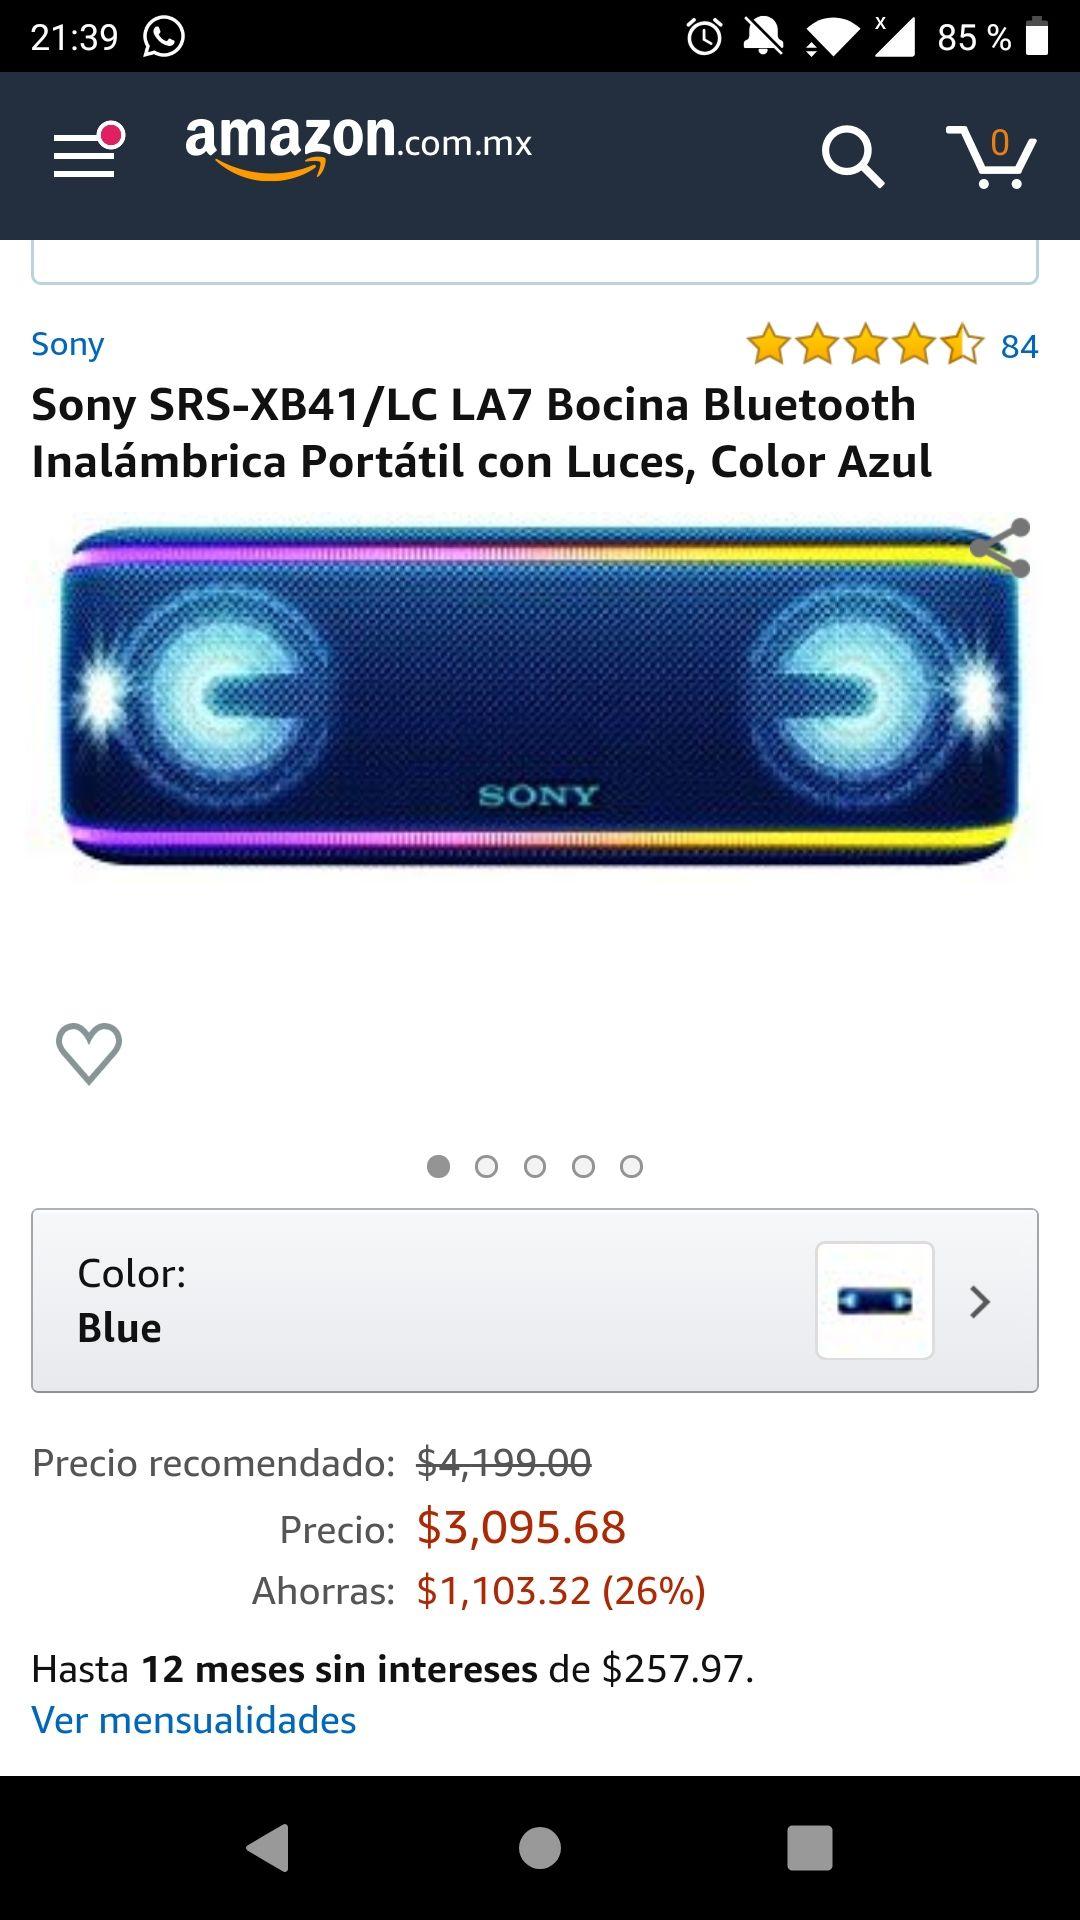 Amazon: Sony SRS-XB41/LC LA7 Bocina Bluetooth Inalámbrica Portátil (pagando con Banorte o AMEX)